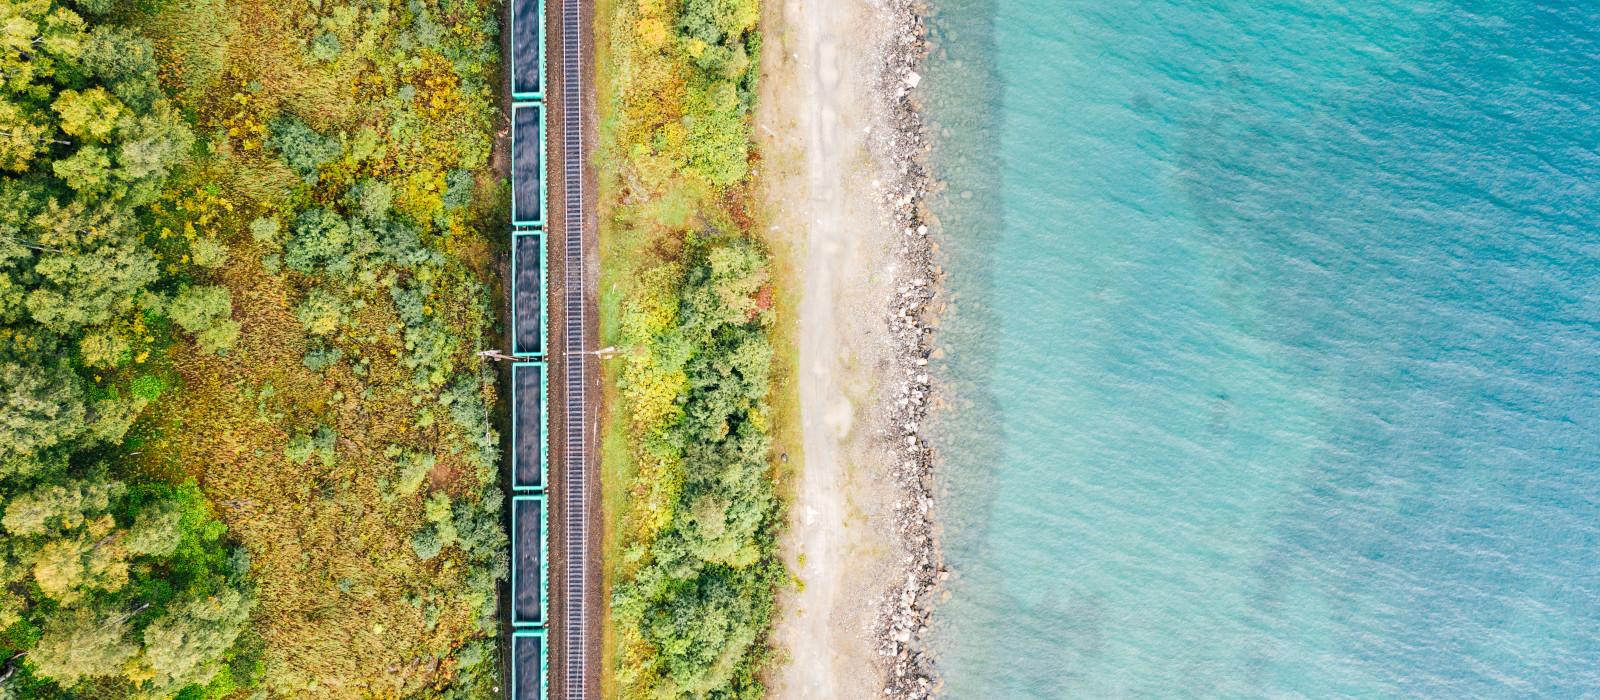 Reiseziel Transsibirische Eisenbahn – von Moskau nach Wladiwostok Russland